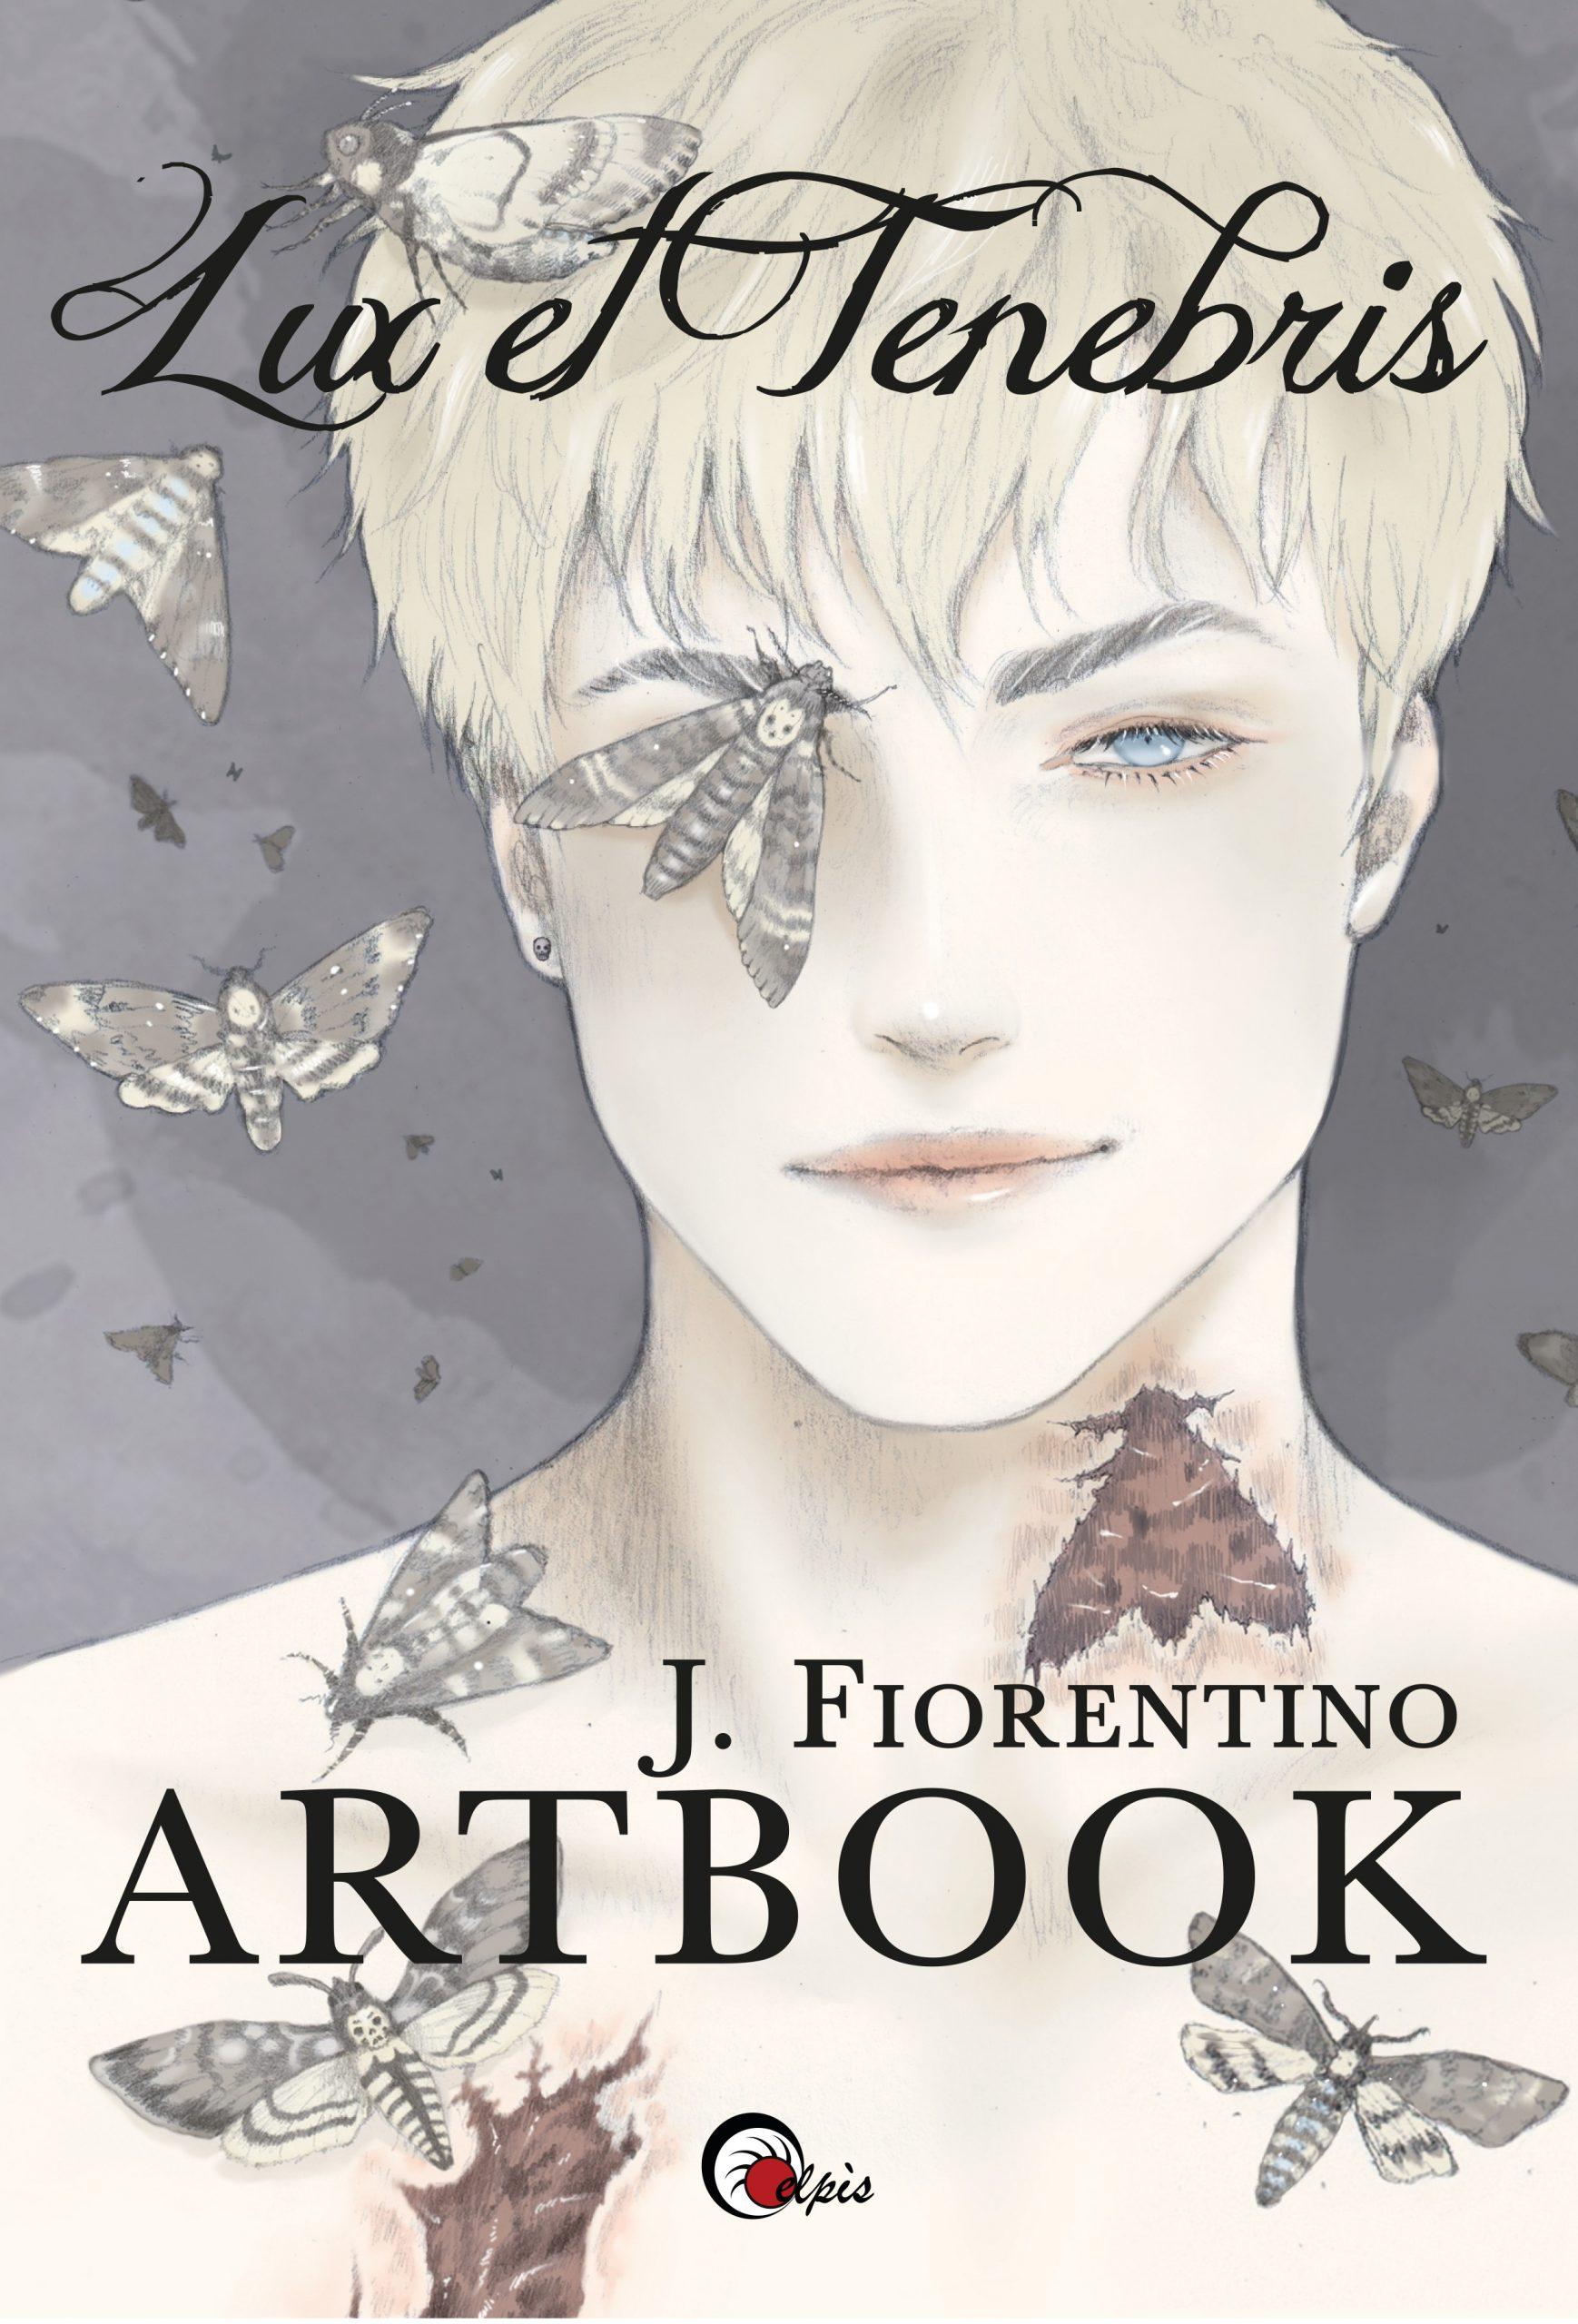 Cover reveal Artbook: LUX ET TENEBRIS